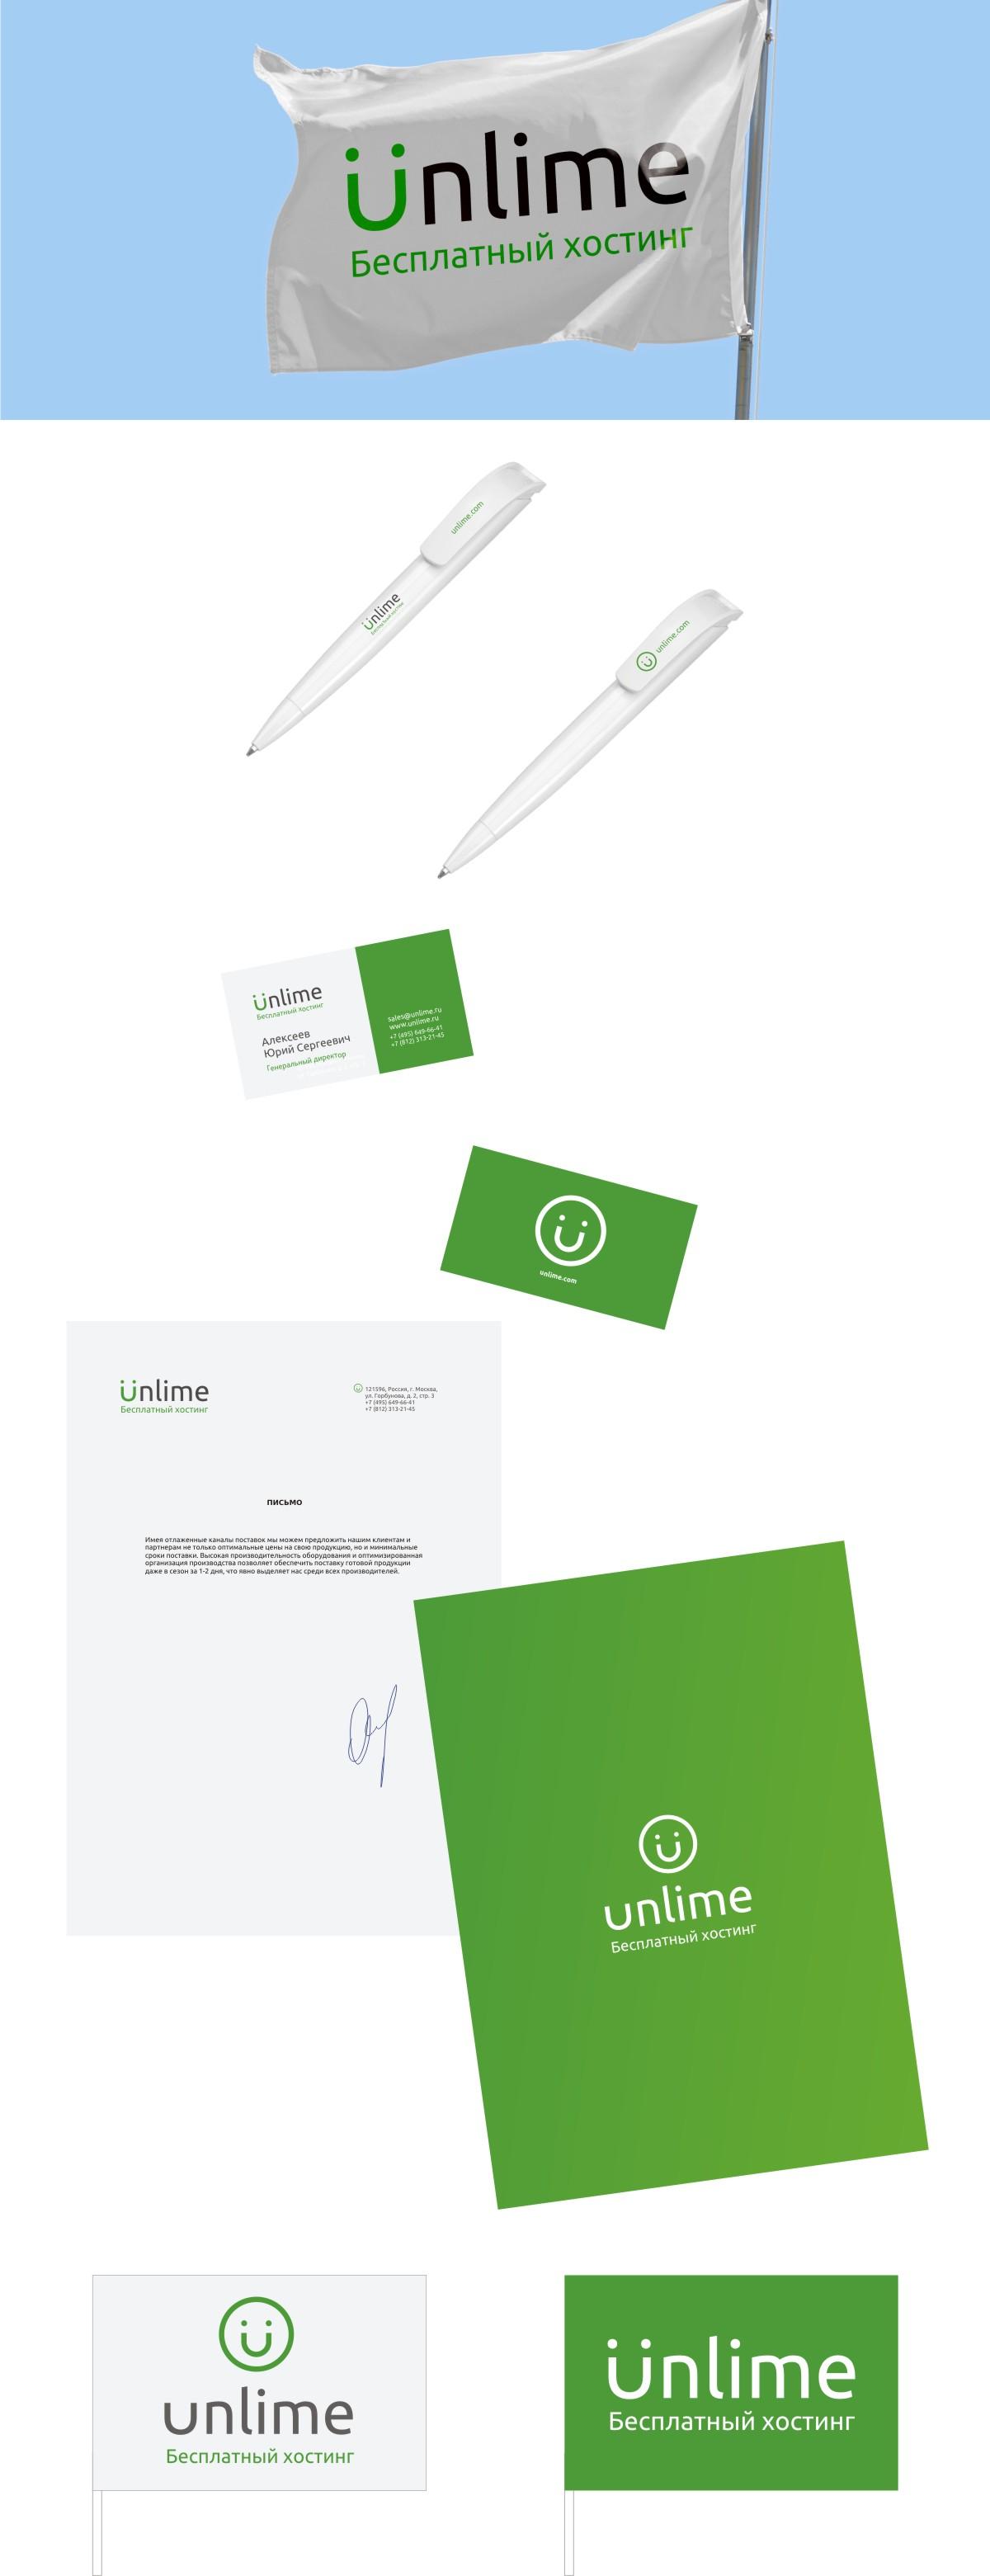 Разработка логотипа и фирменного стиля фото f_602595a72dbc2657.jpg